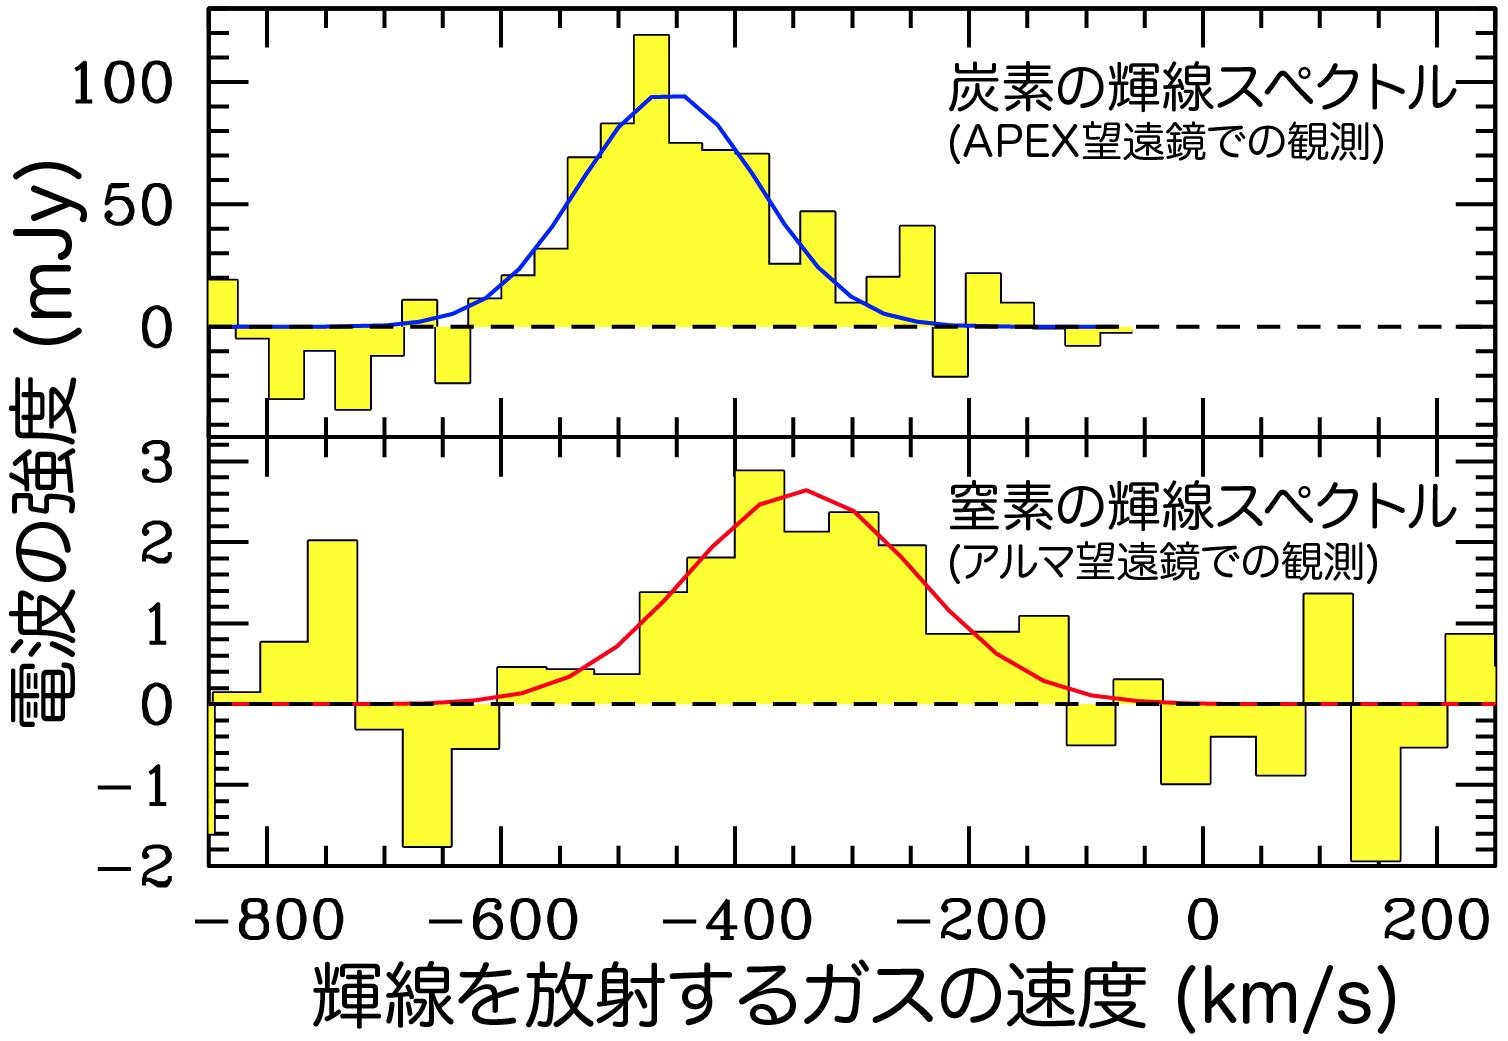 アルマ望遠鏡で観測した窒素の輝線(下段)と、APEX望遠鏡で既に観測していた炭素の輝線(上段)のスペクトル(可視光での水素の輝線観測から決めた銀河の平均的速度に対する、輝線を放射するガスの速度ごとに電波の強度を示したもの)。